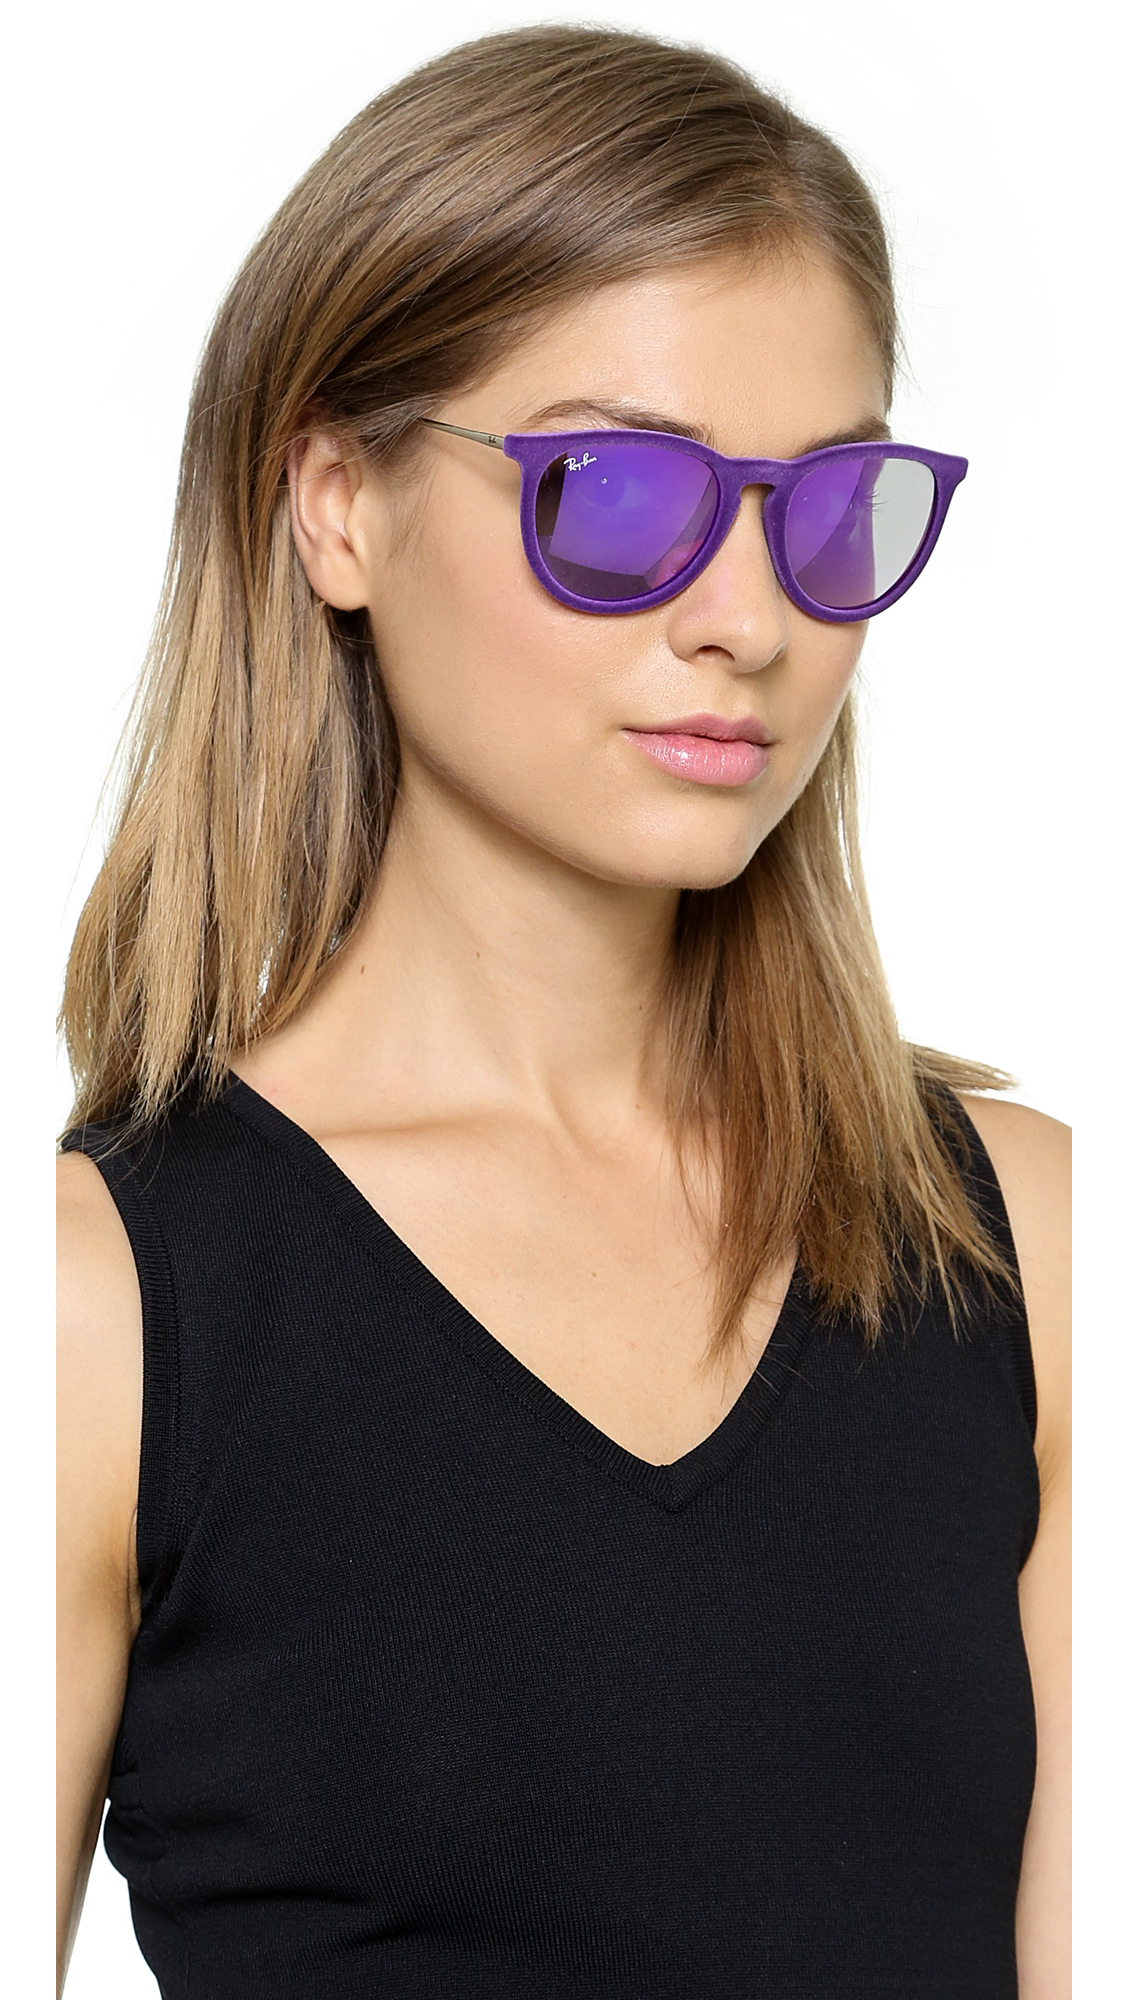 2508bb1759 Ray-Ban Erika Velvet Sunglasses - Violet in Purple - Lyst